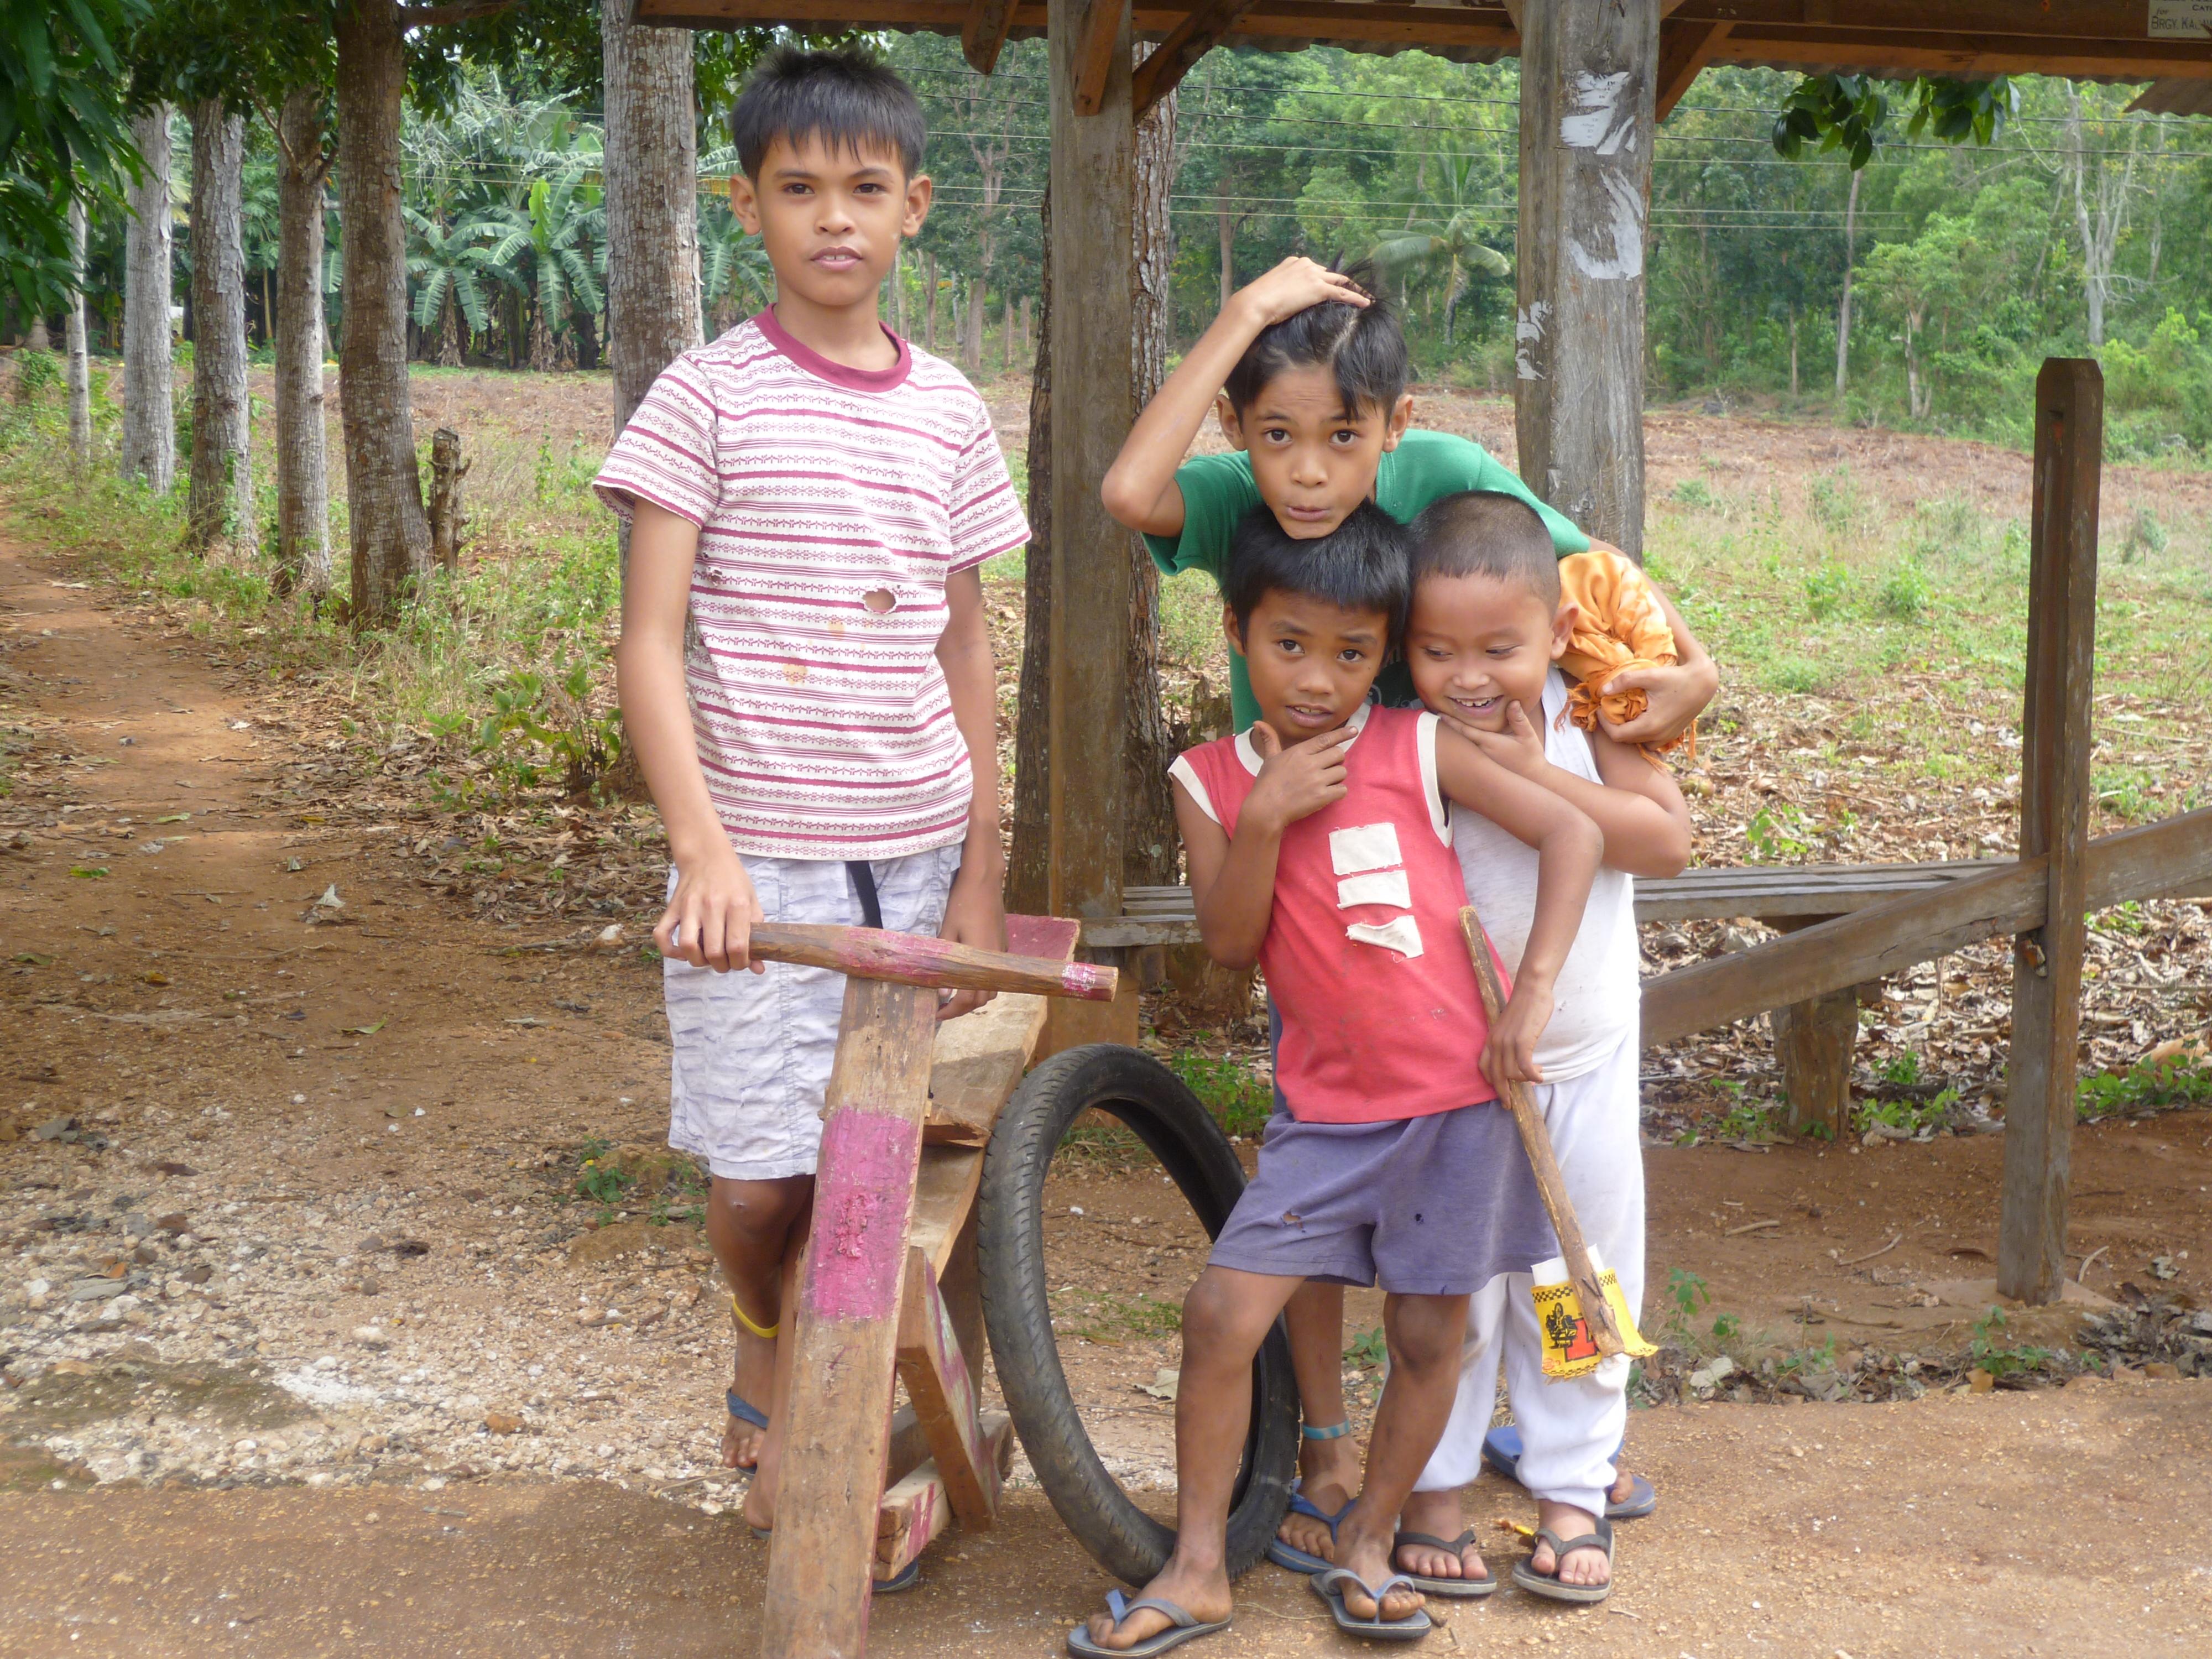 Siquijor, nous croisons ces enfants jouants sur la route, je propose de les photographier, en 2 secondes ils prennent la pose. J'adore.